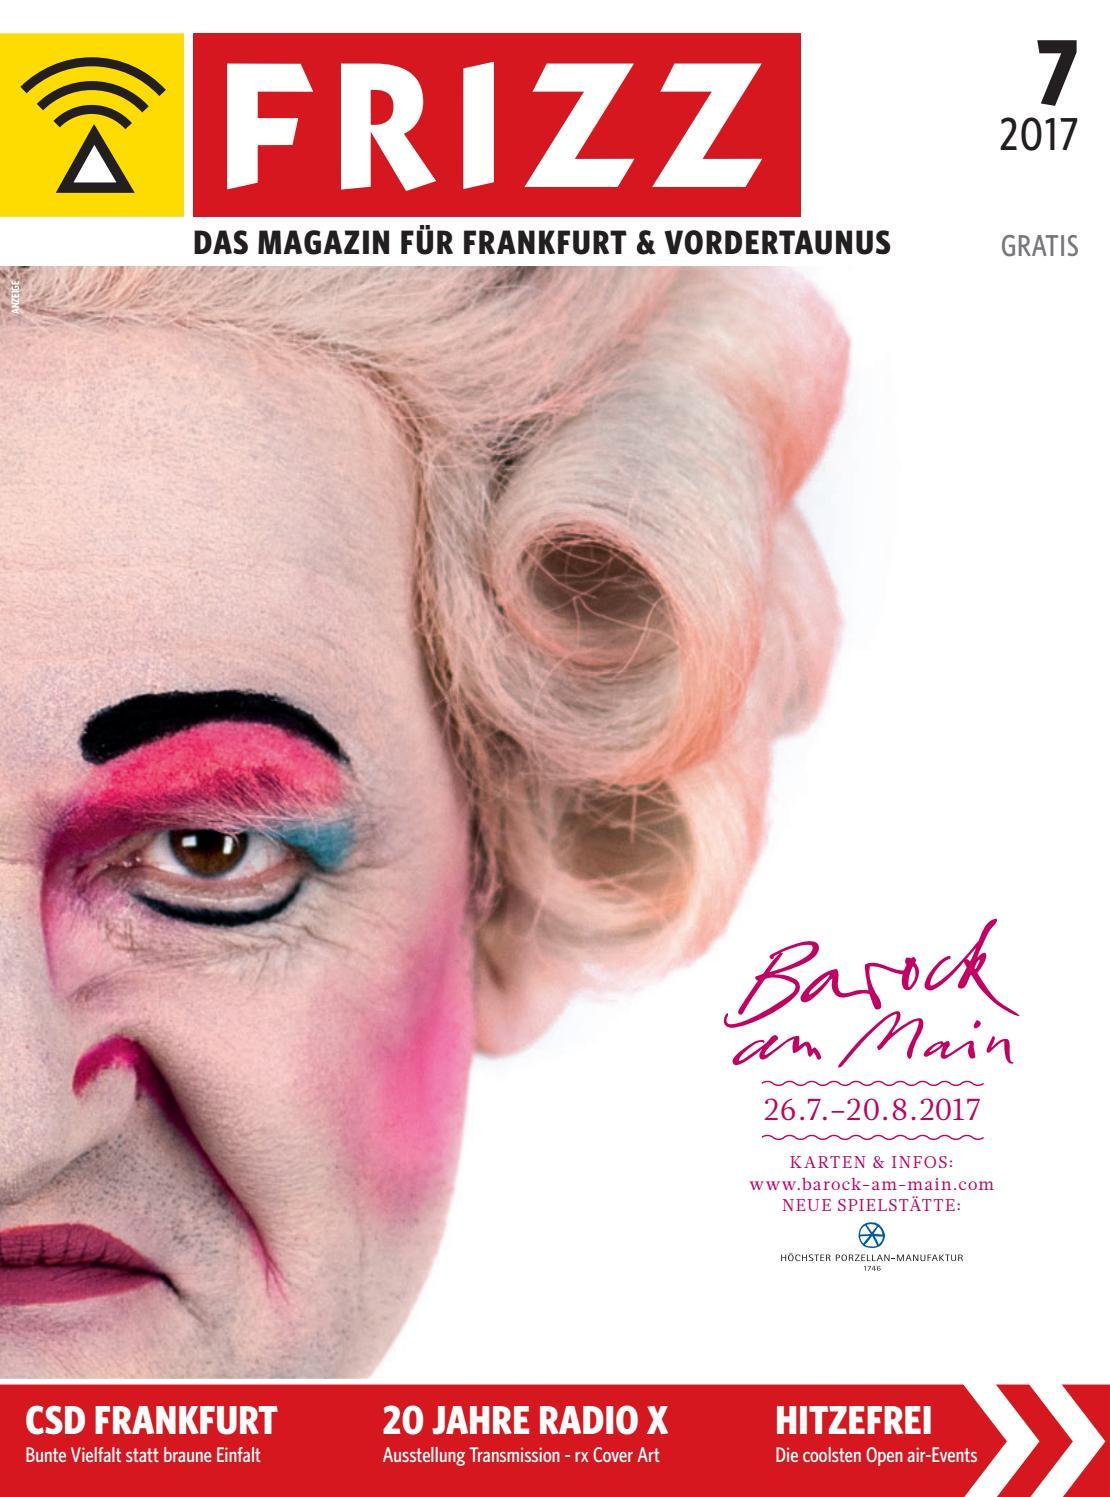 FRIZZ Das Magazin Frankfurt Juli 2017 by frizz frankfurt - issuu